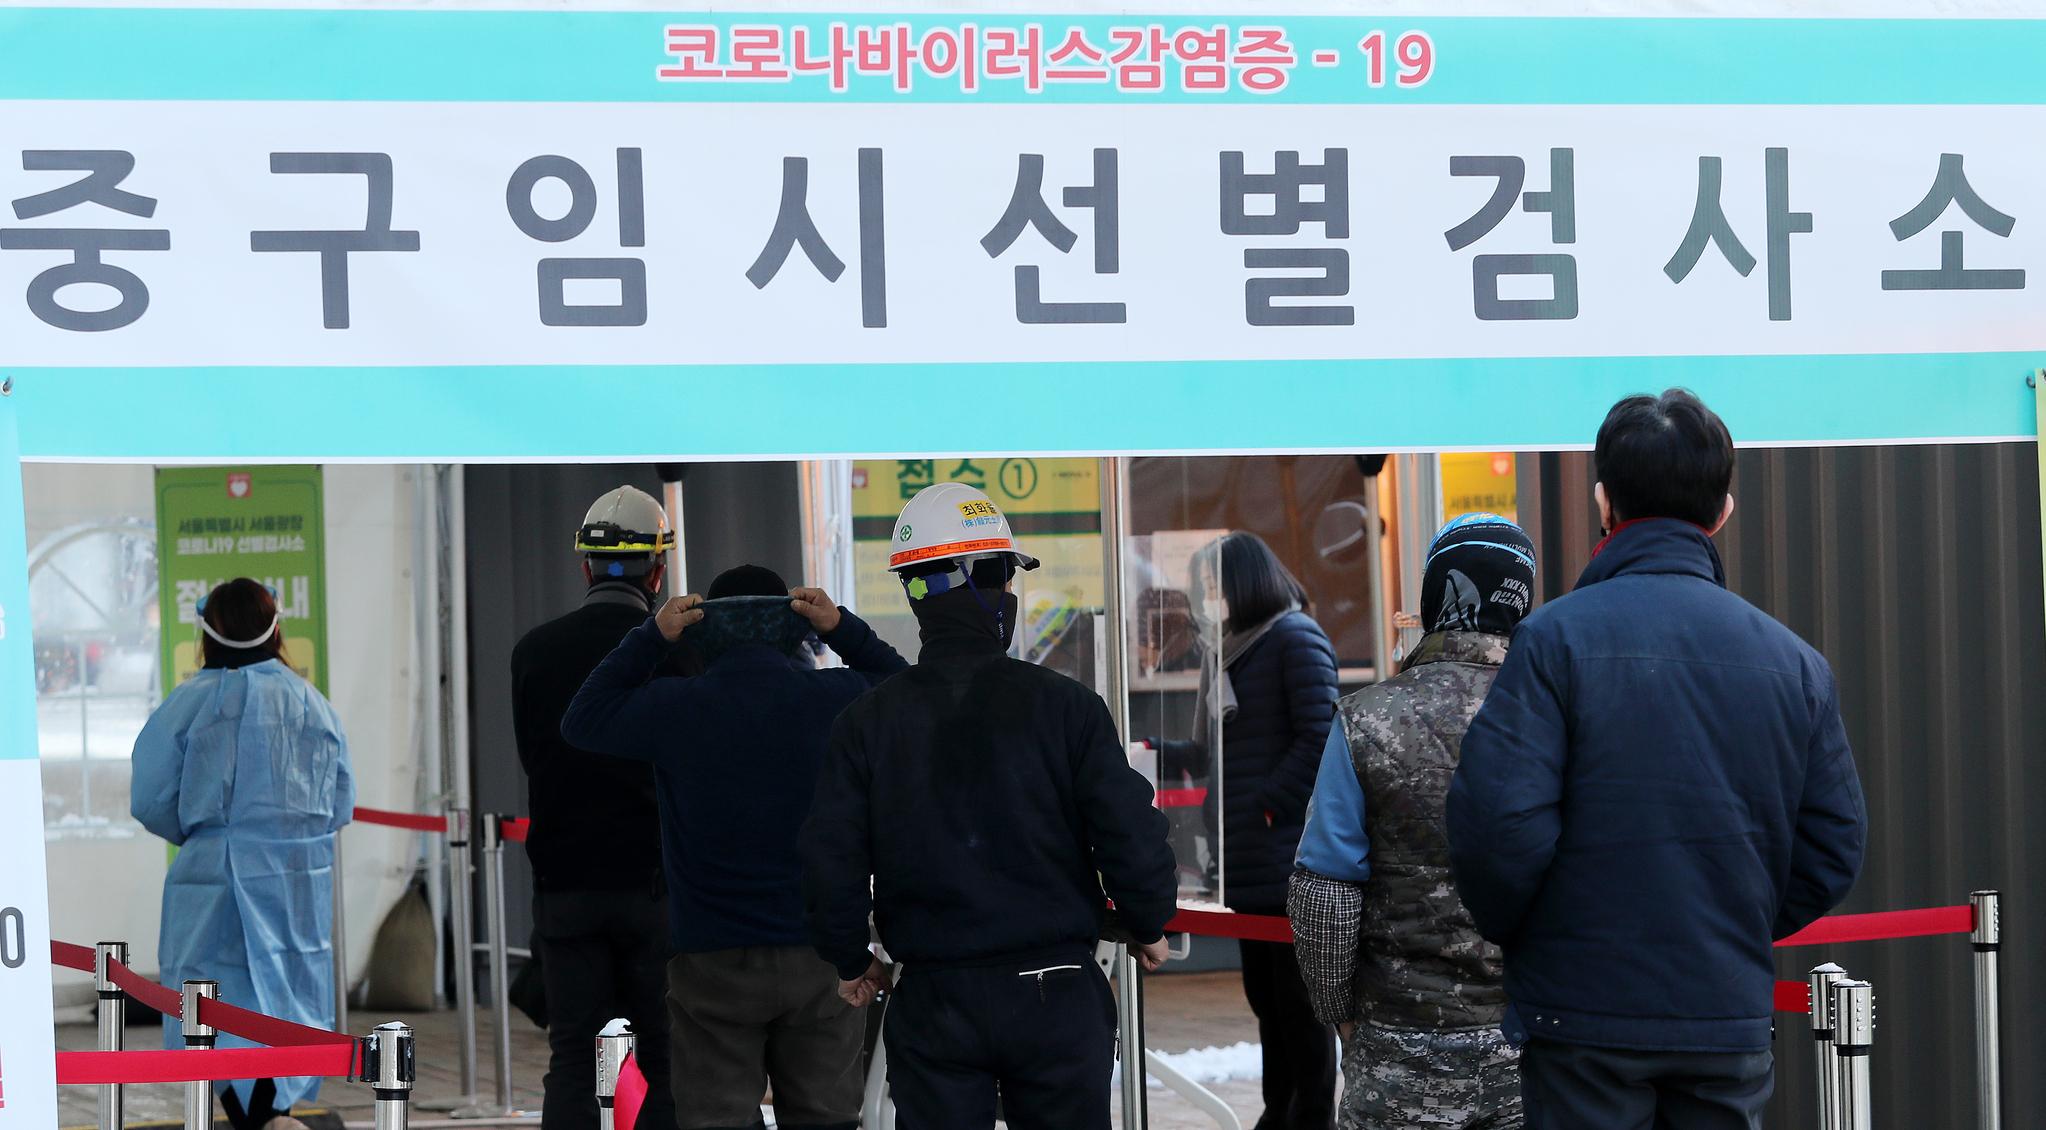 4일 서울광장에 설치된 임시선별진료소를 찾은 시민들이 신종 코로나 바이러스 감염증(코로나19) 검사를 받기 위해 대기하고 있다. 뉴스1